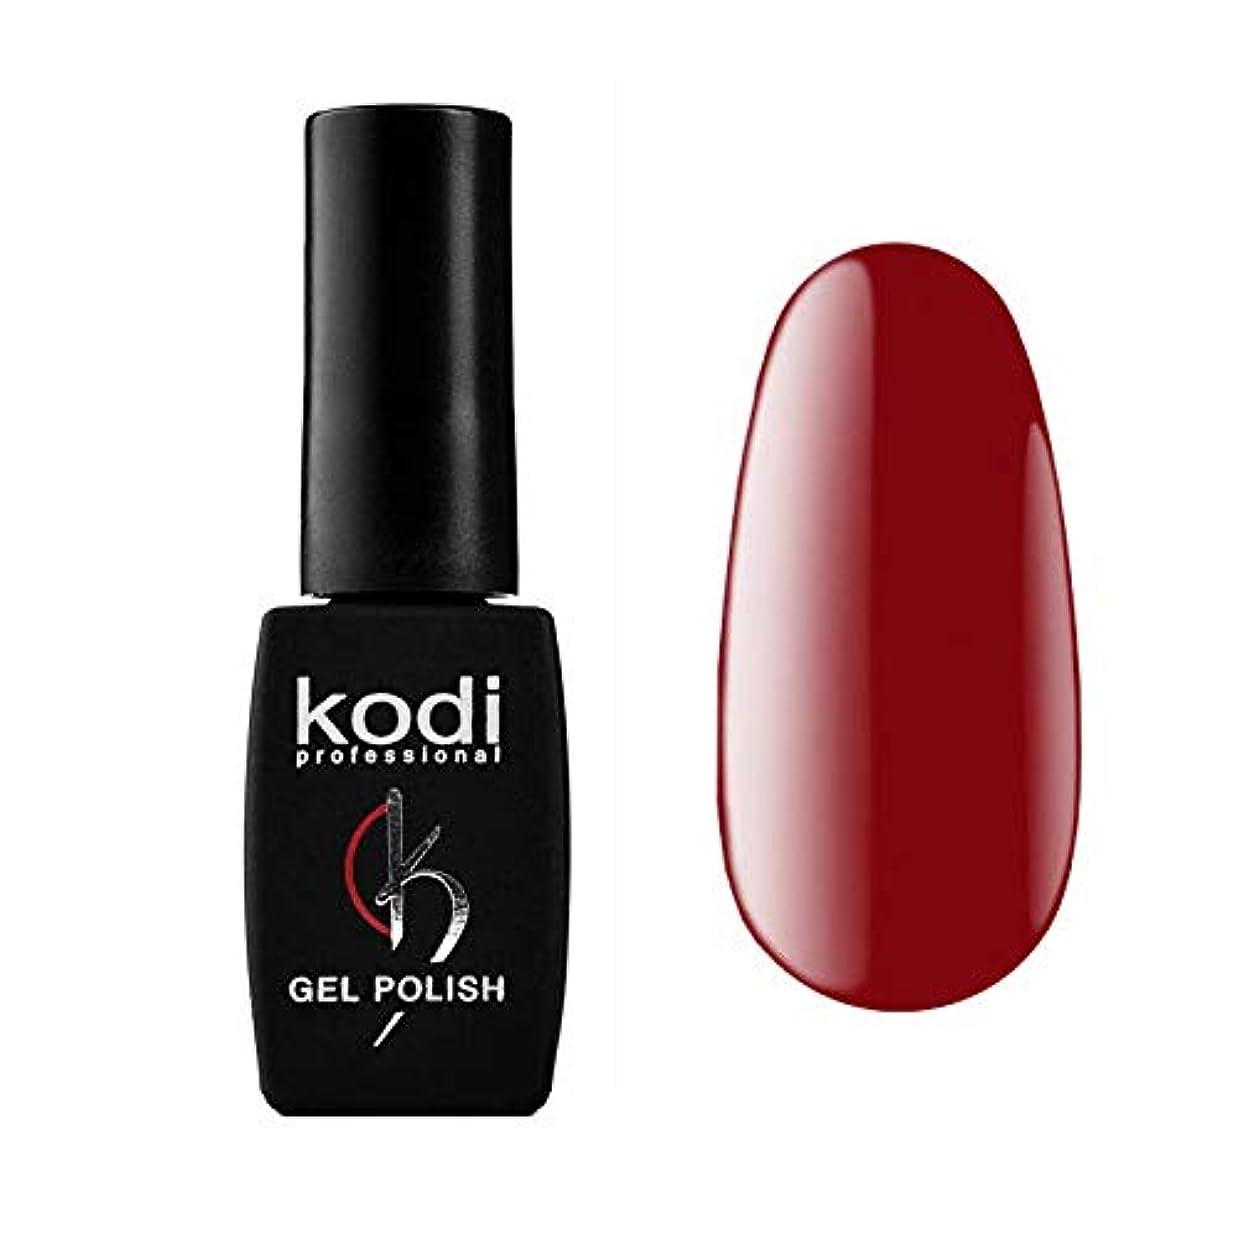 論理的に請求書月Kodi Professional New Collection R RED #20 Color Gel Nail Polish 12ml 0.42 Fl Oz LED UV Genuine Soak Off